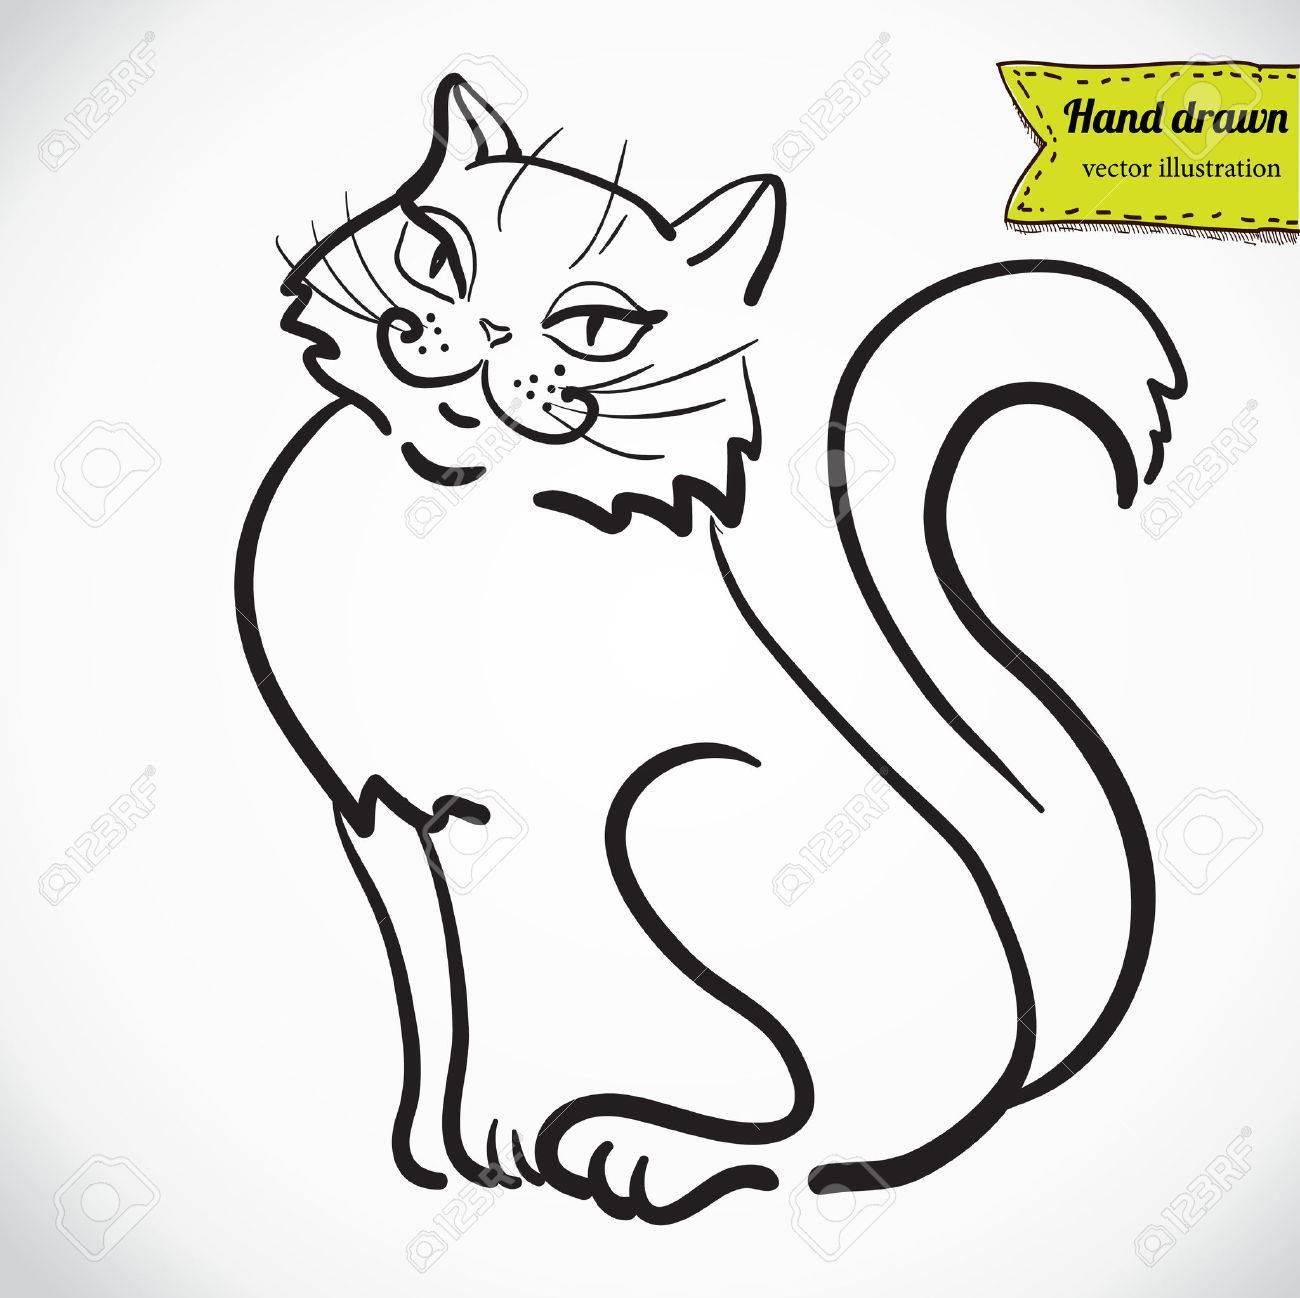 Vettoriale Arte Disegno Del Gatto Di Alta Qualita Di Vettore Image